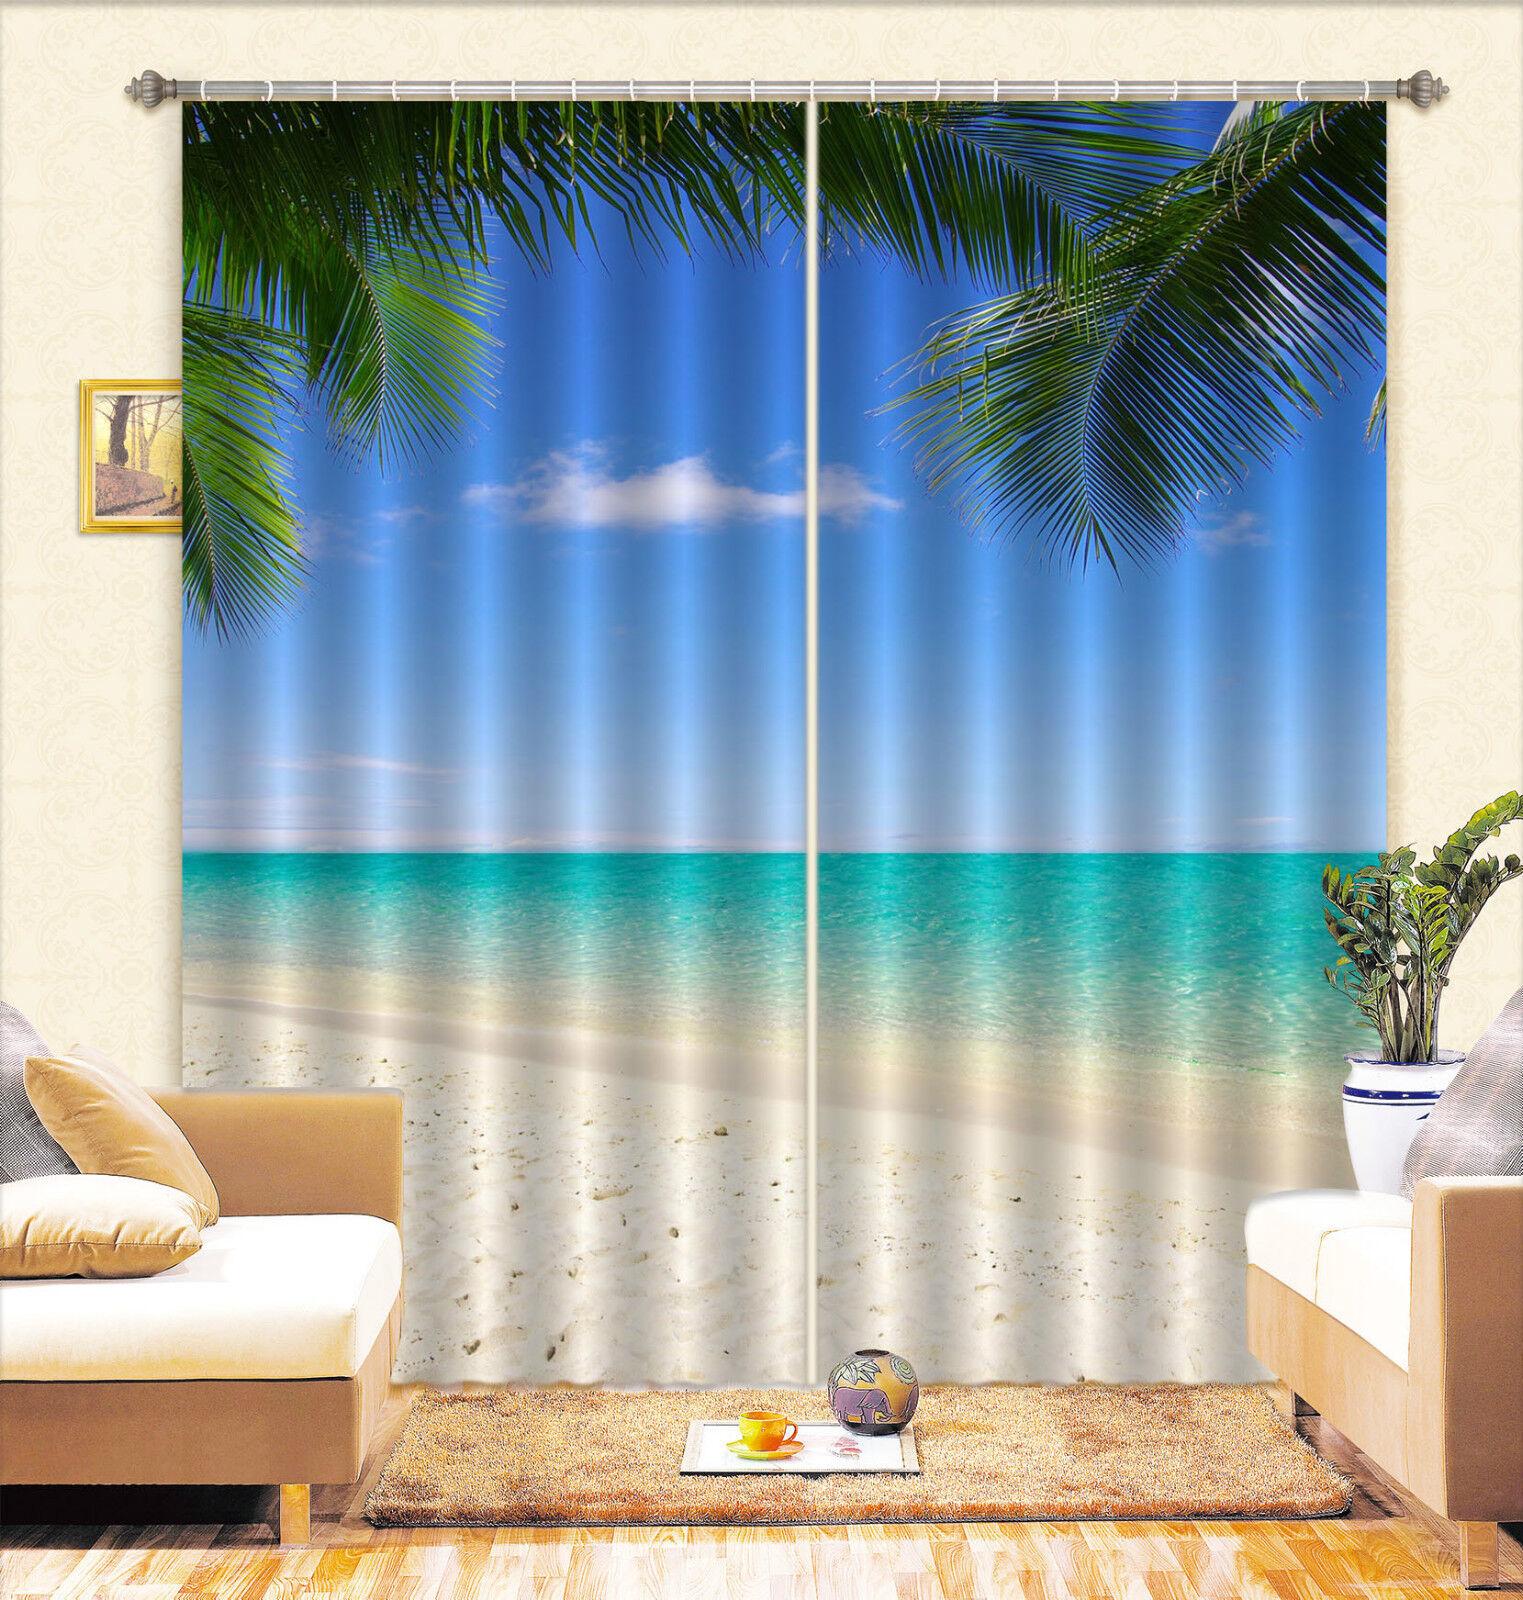 3d spiaggia sabbia 83 blocco foto sipario pressione sipario tende tessuto finestra de